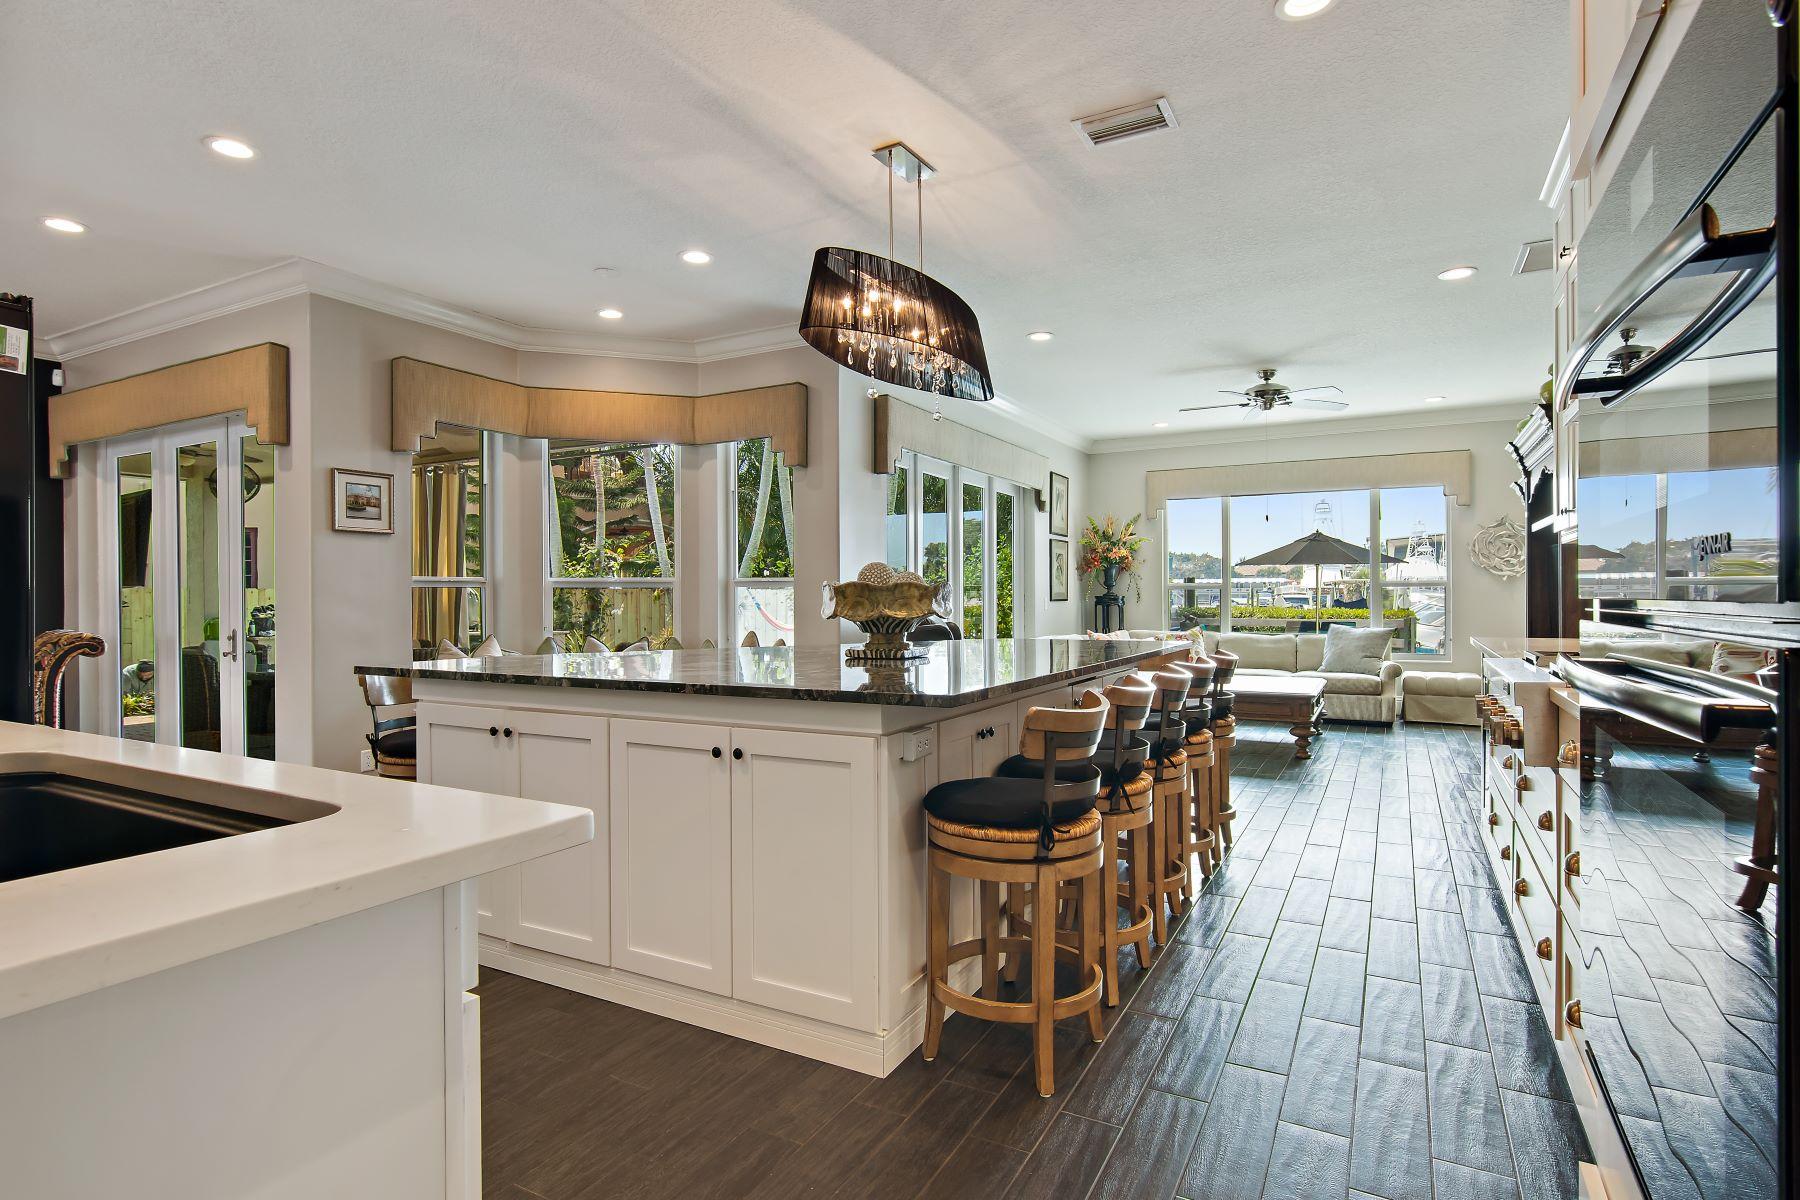 단독 가정 주택 용 매매 에 2087 N Waterway Drive North Palm Beach, 플로리다, 33408 미국